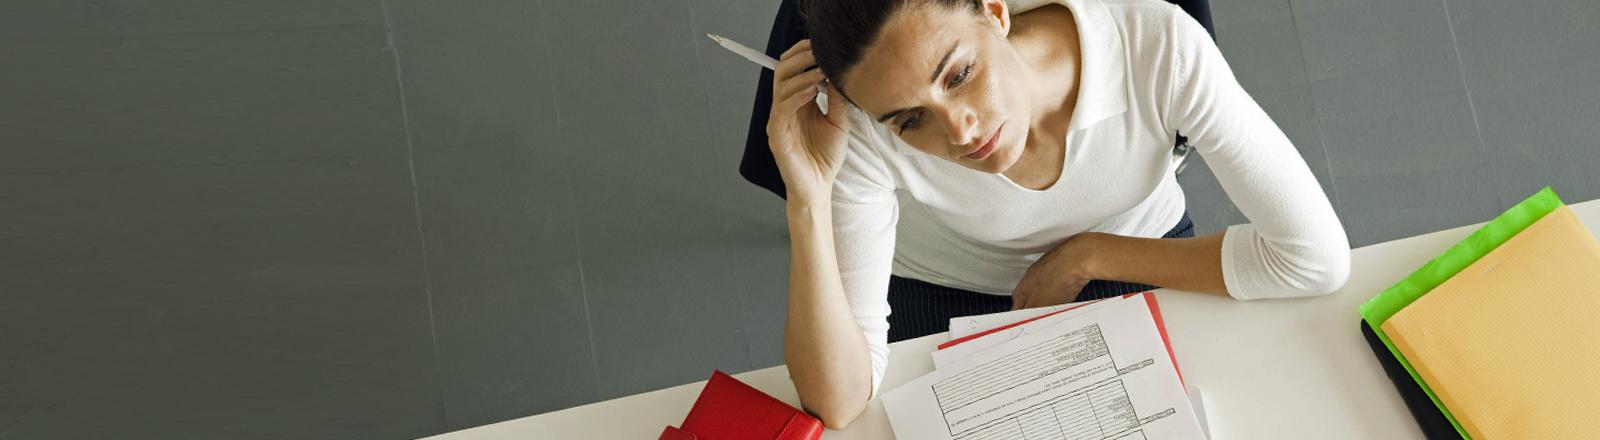 Eine Frau am Schreibtisch denkt nach.